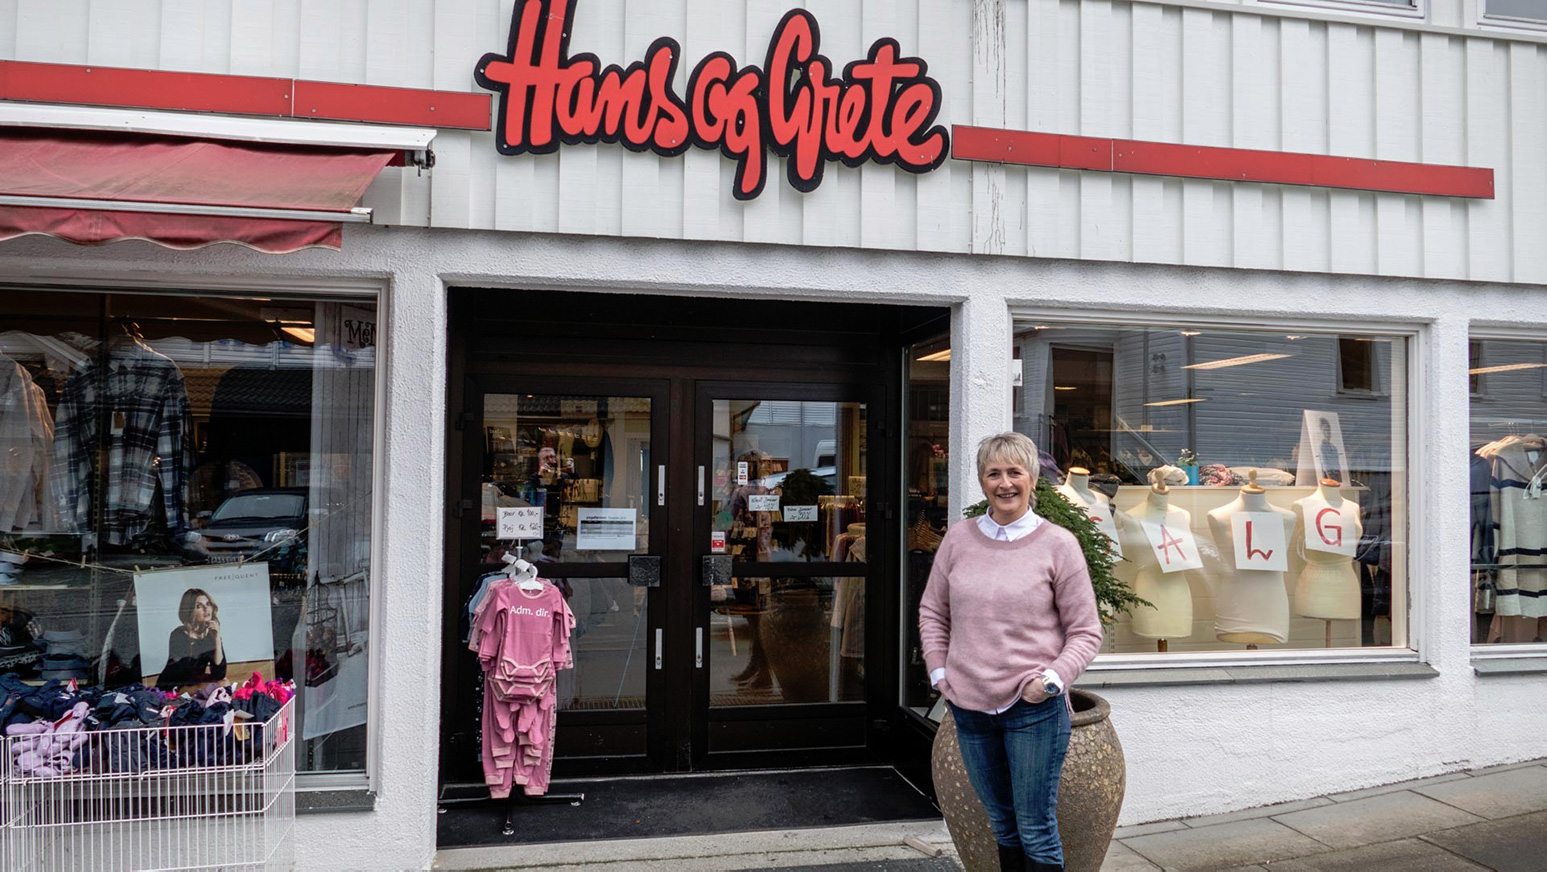 Bilete av Hans og Grete butikk i Sjoargata.